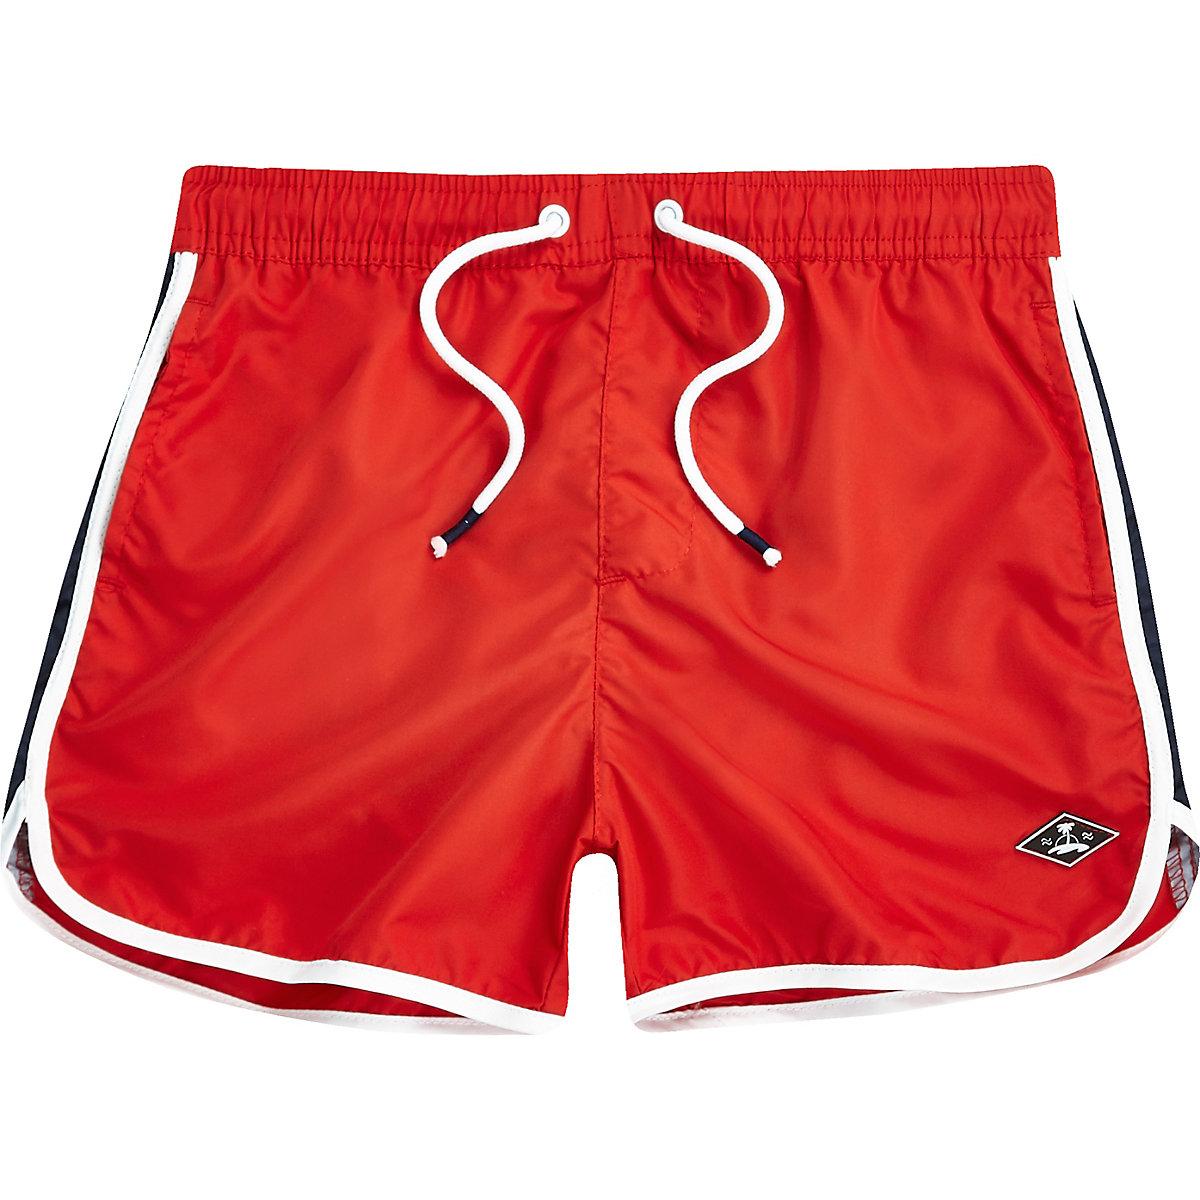 Boys red runner swim shorts